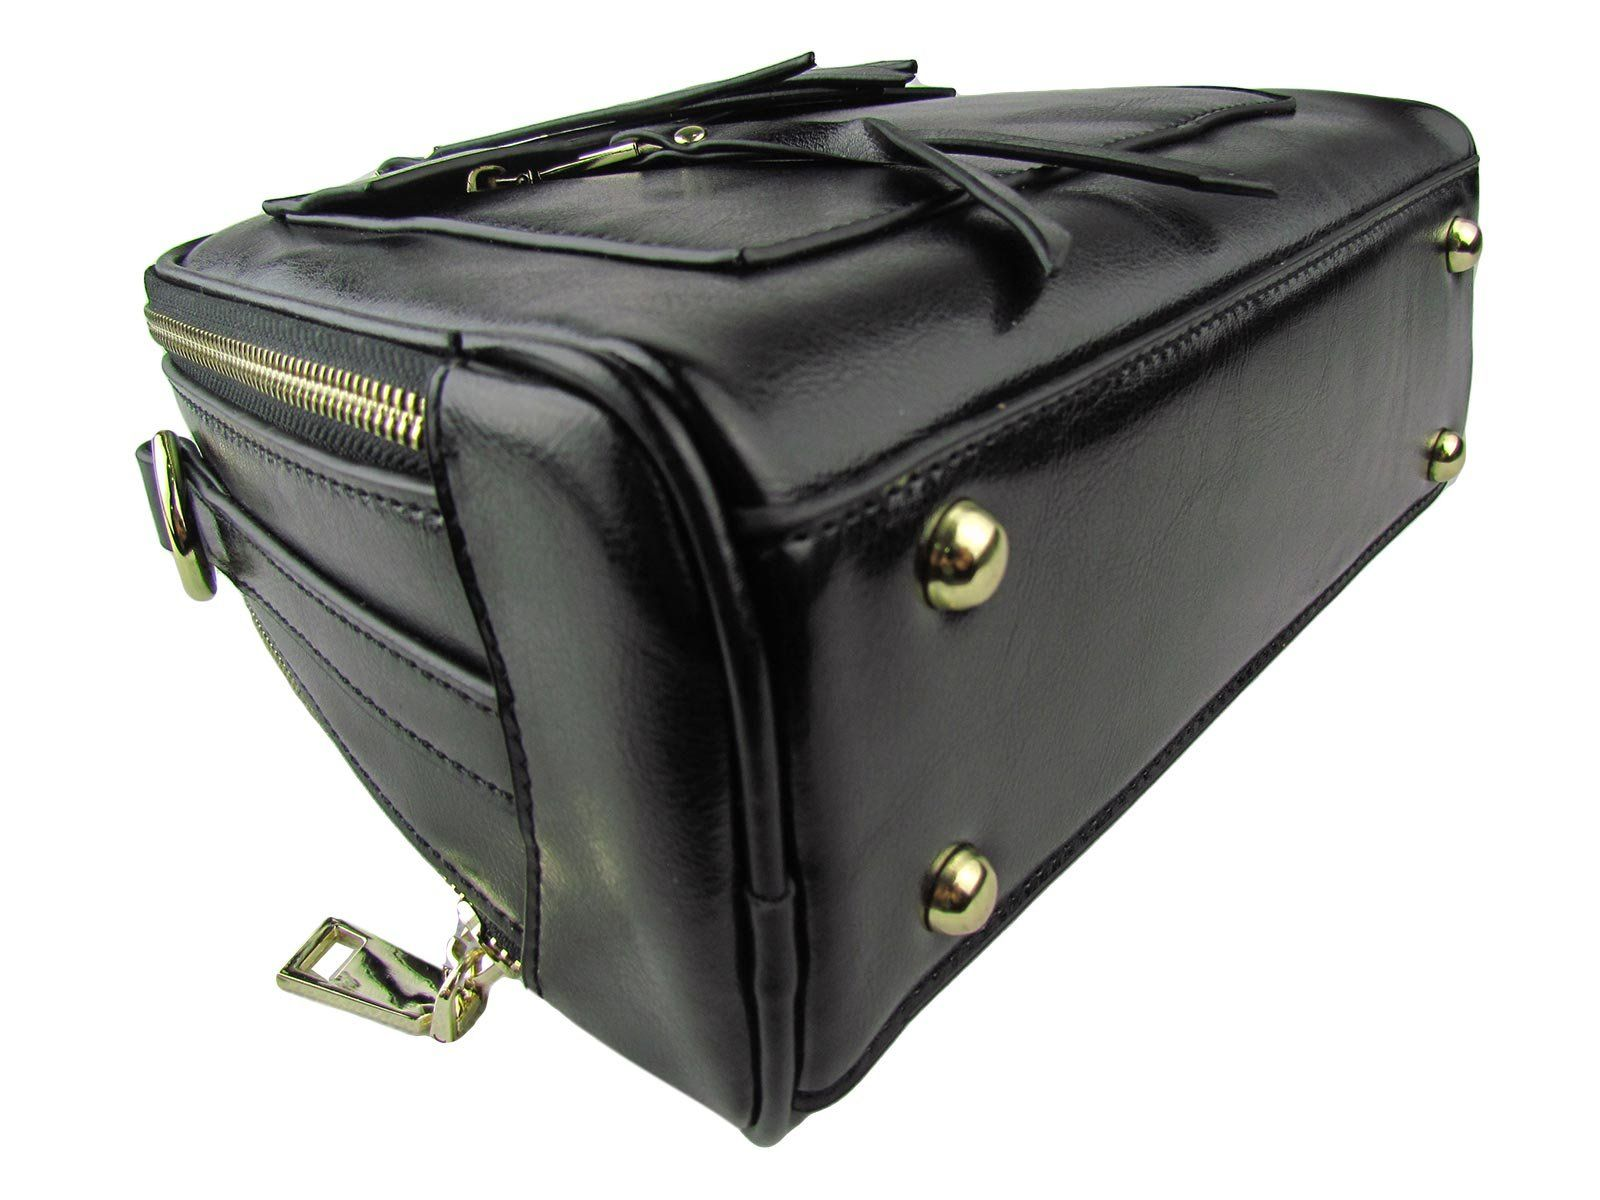 aacd420aacab Сумка кожа 9989-6 черная купить в Украине по цене 1 187 грн.